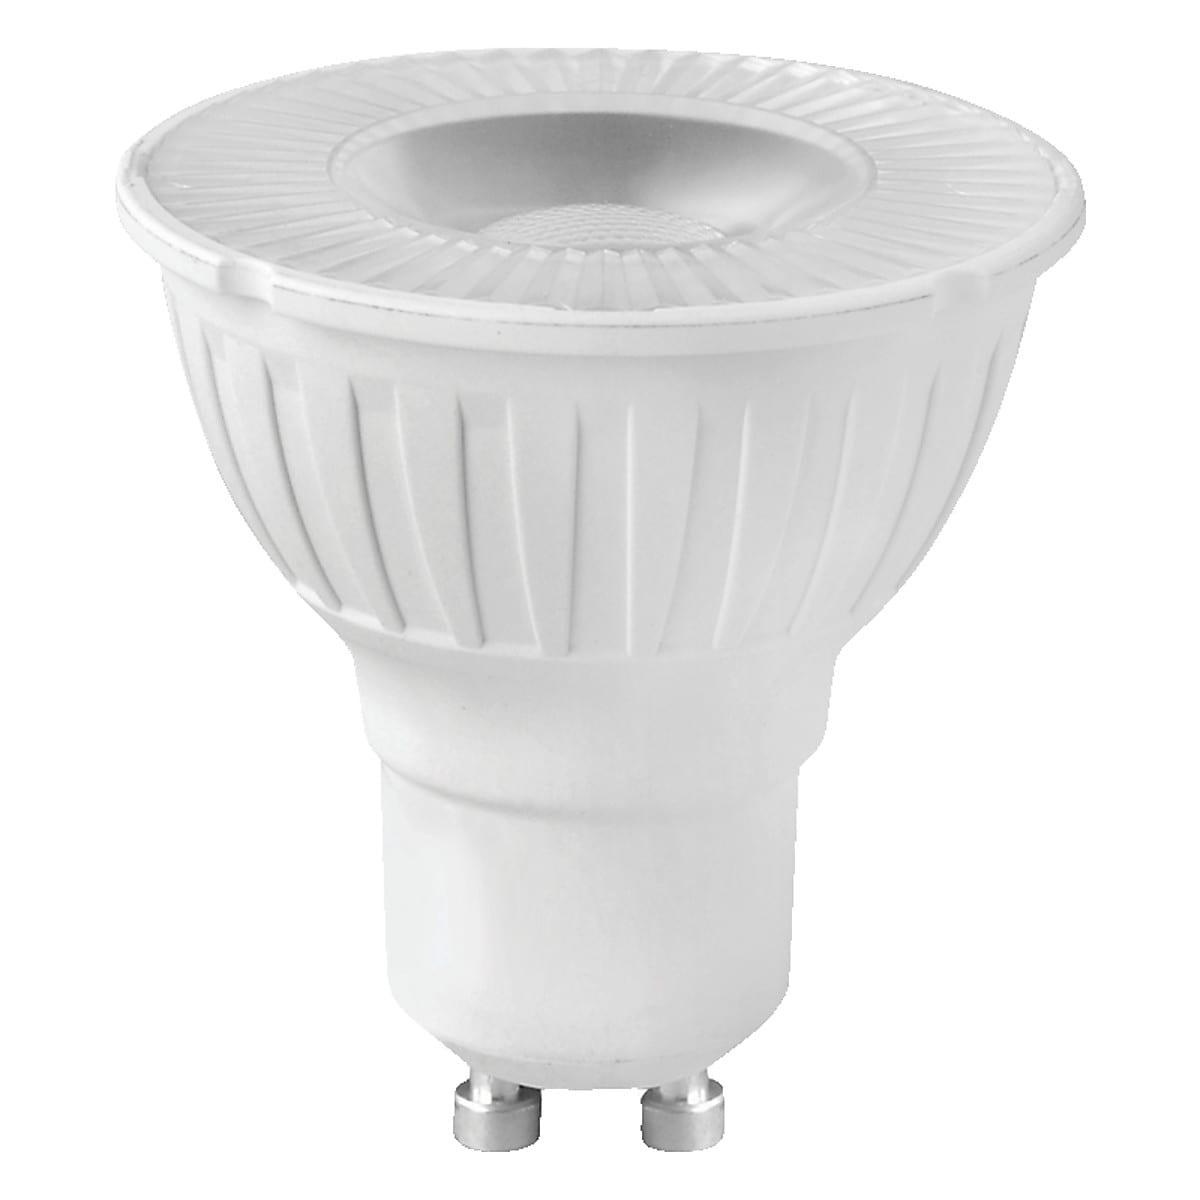 LED-Lampe GU10 Clas Ohlson 2er-Pack